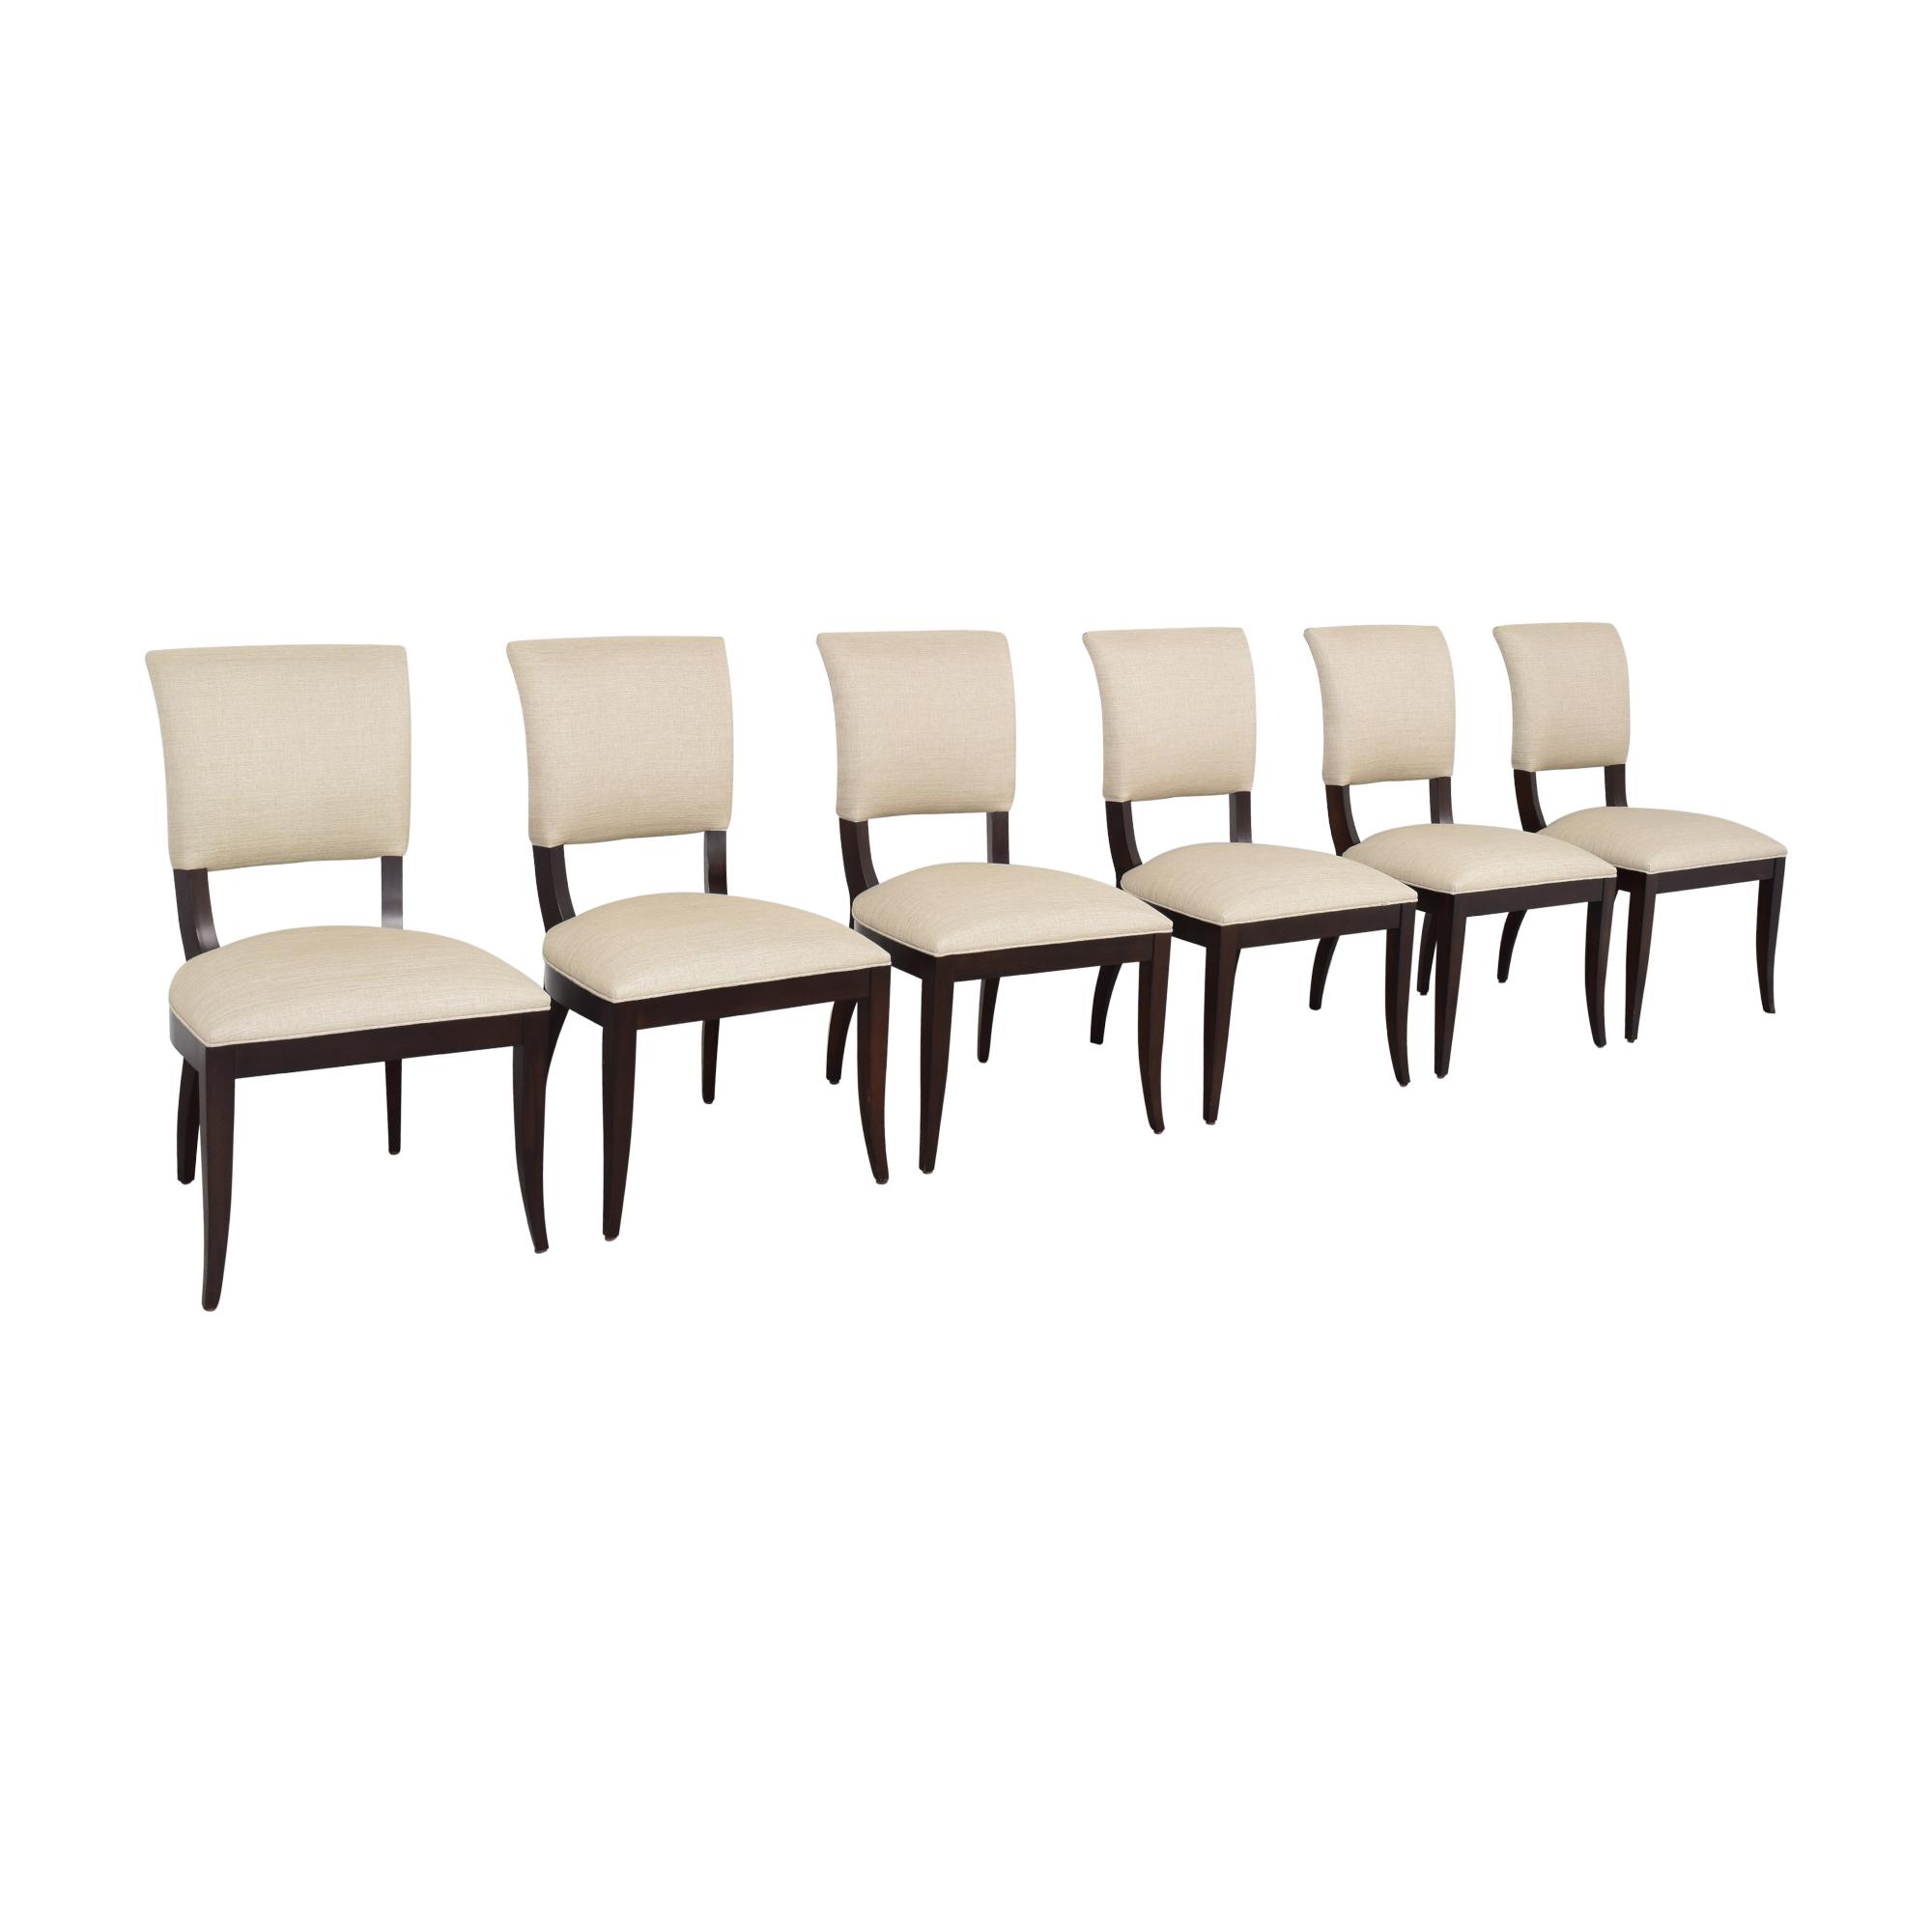 Ethan Allen Ethan Allen Drew Side Chairs nj